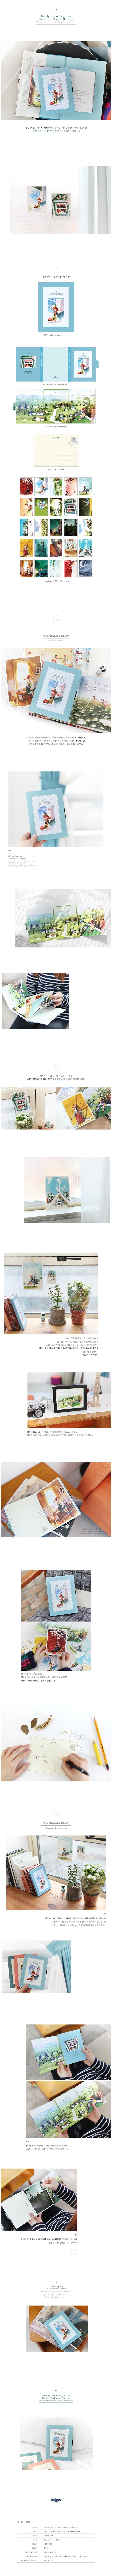 postcard book Kim ji hyuck Daddy Long Legs Anne of Green Gables [Daddy Long Legs postcard, Anne of Green Gables postcards, kim ji hyuck postcards]